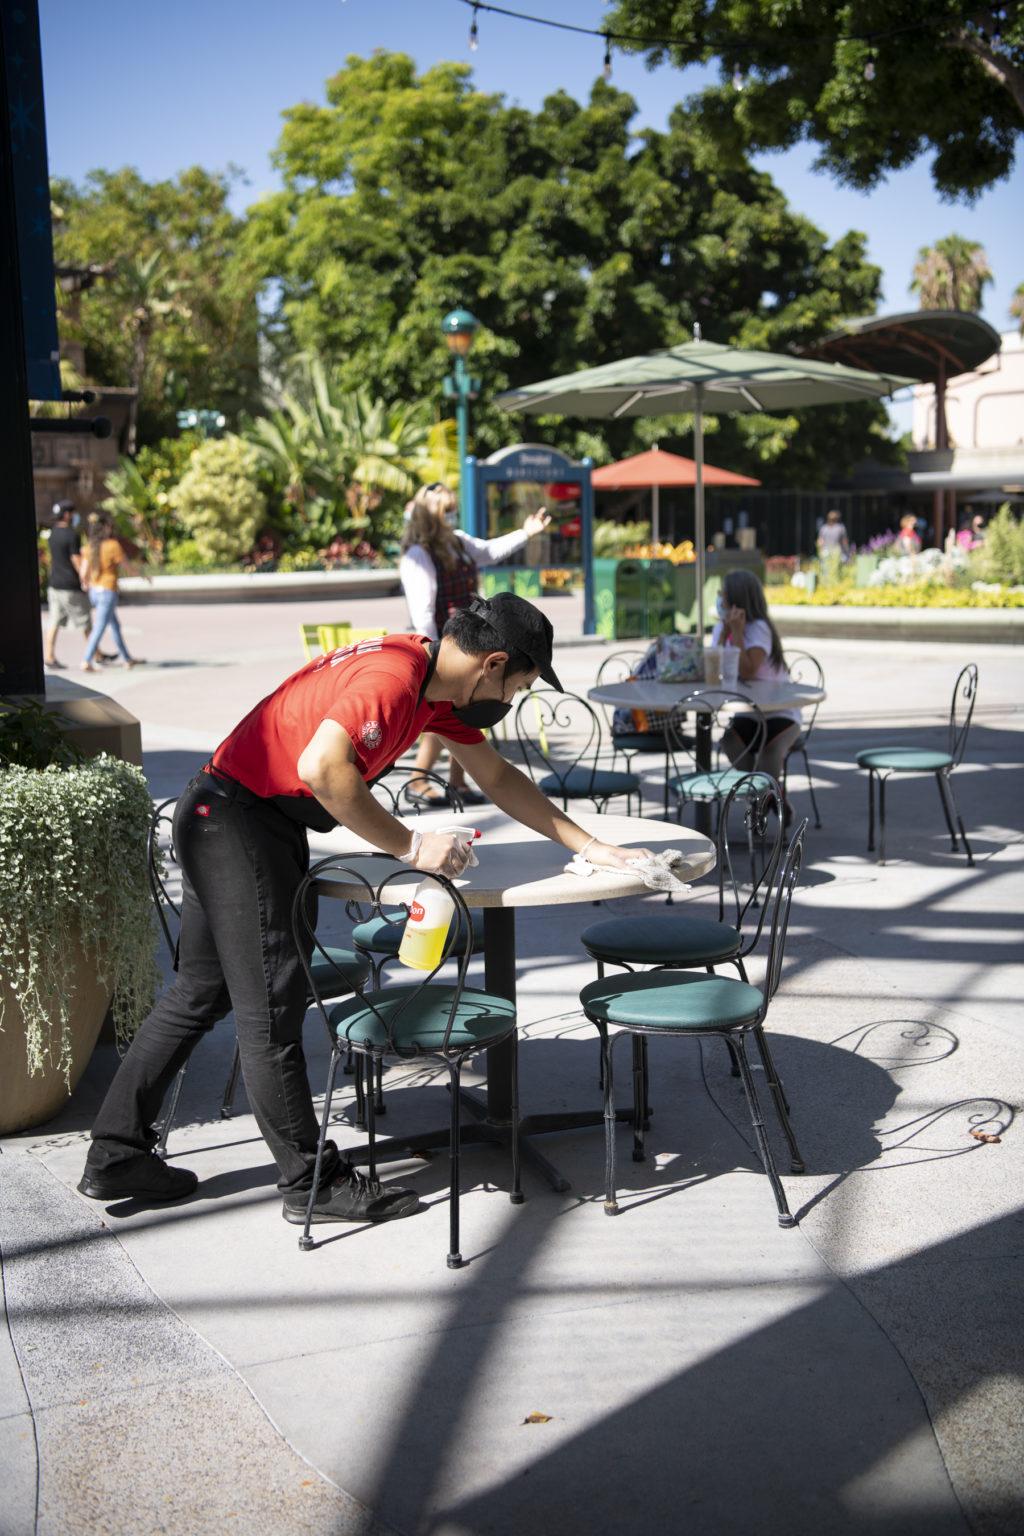 Downtown Disney temp screenings